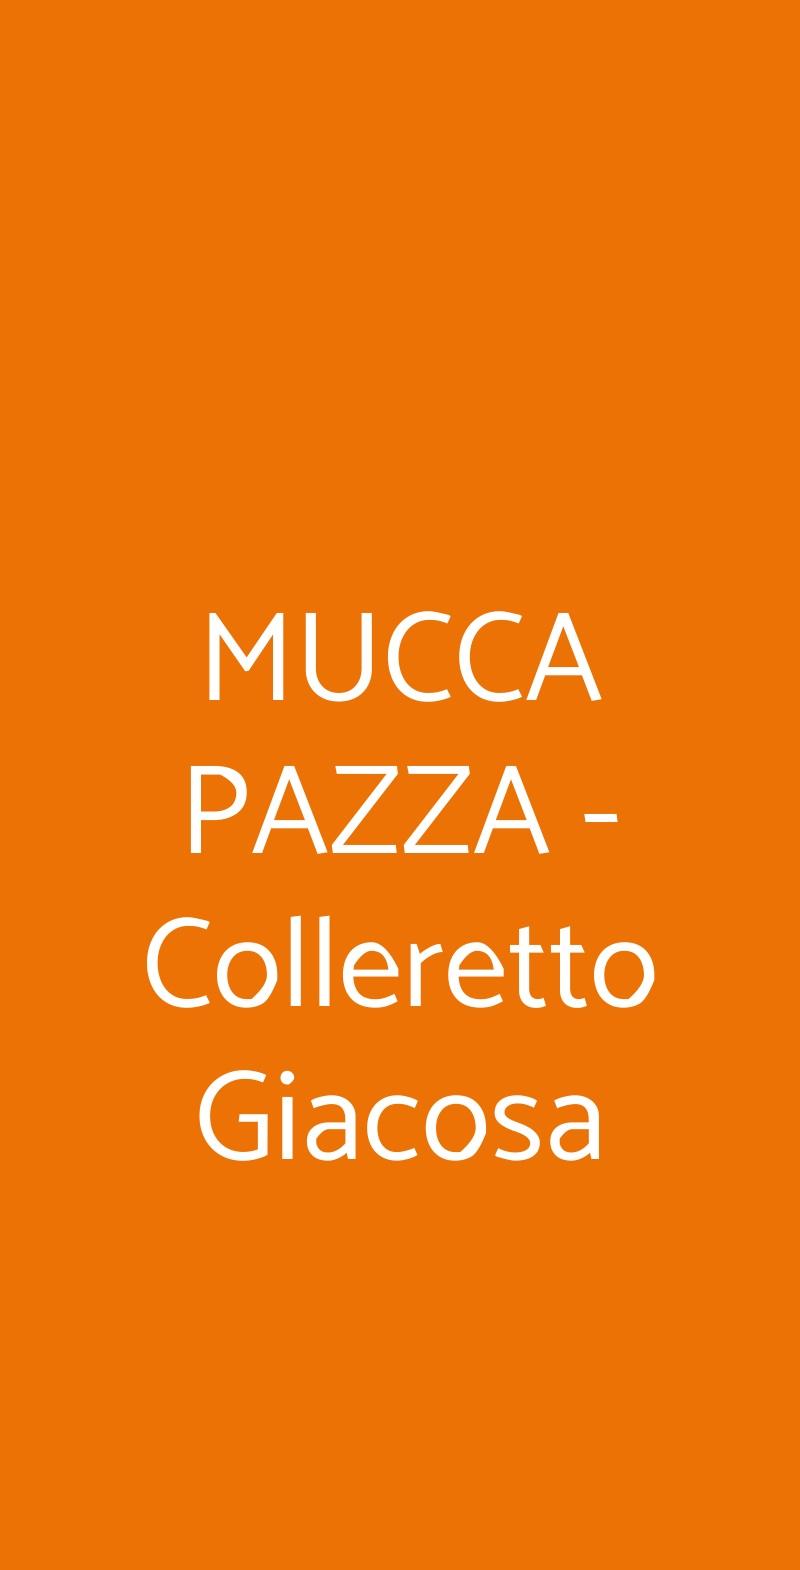 MUCCA PAZZA - Colleretto Giacosa Colleretto Giacosa menù 1 pagina